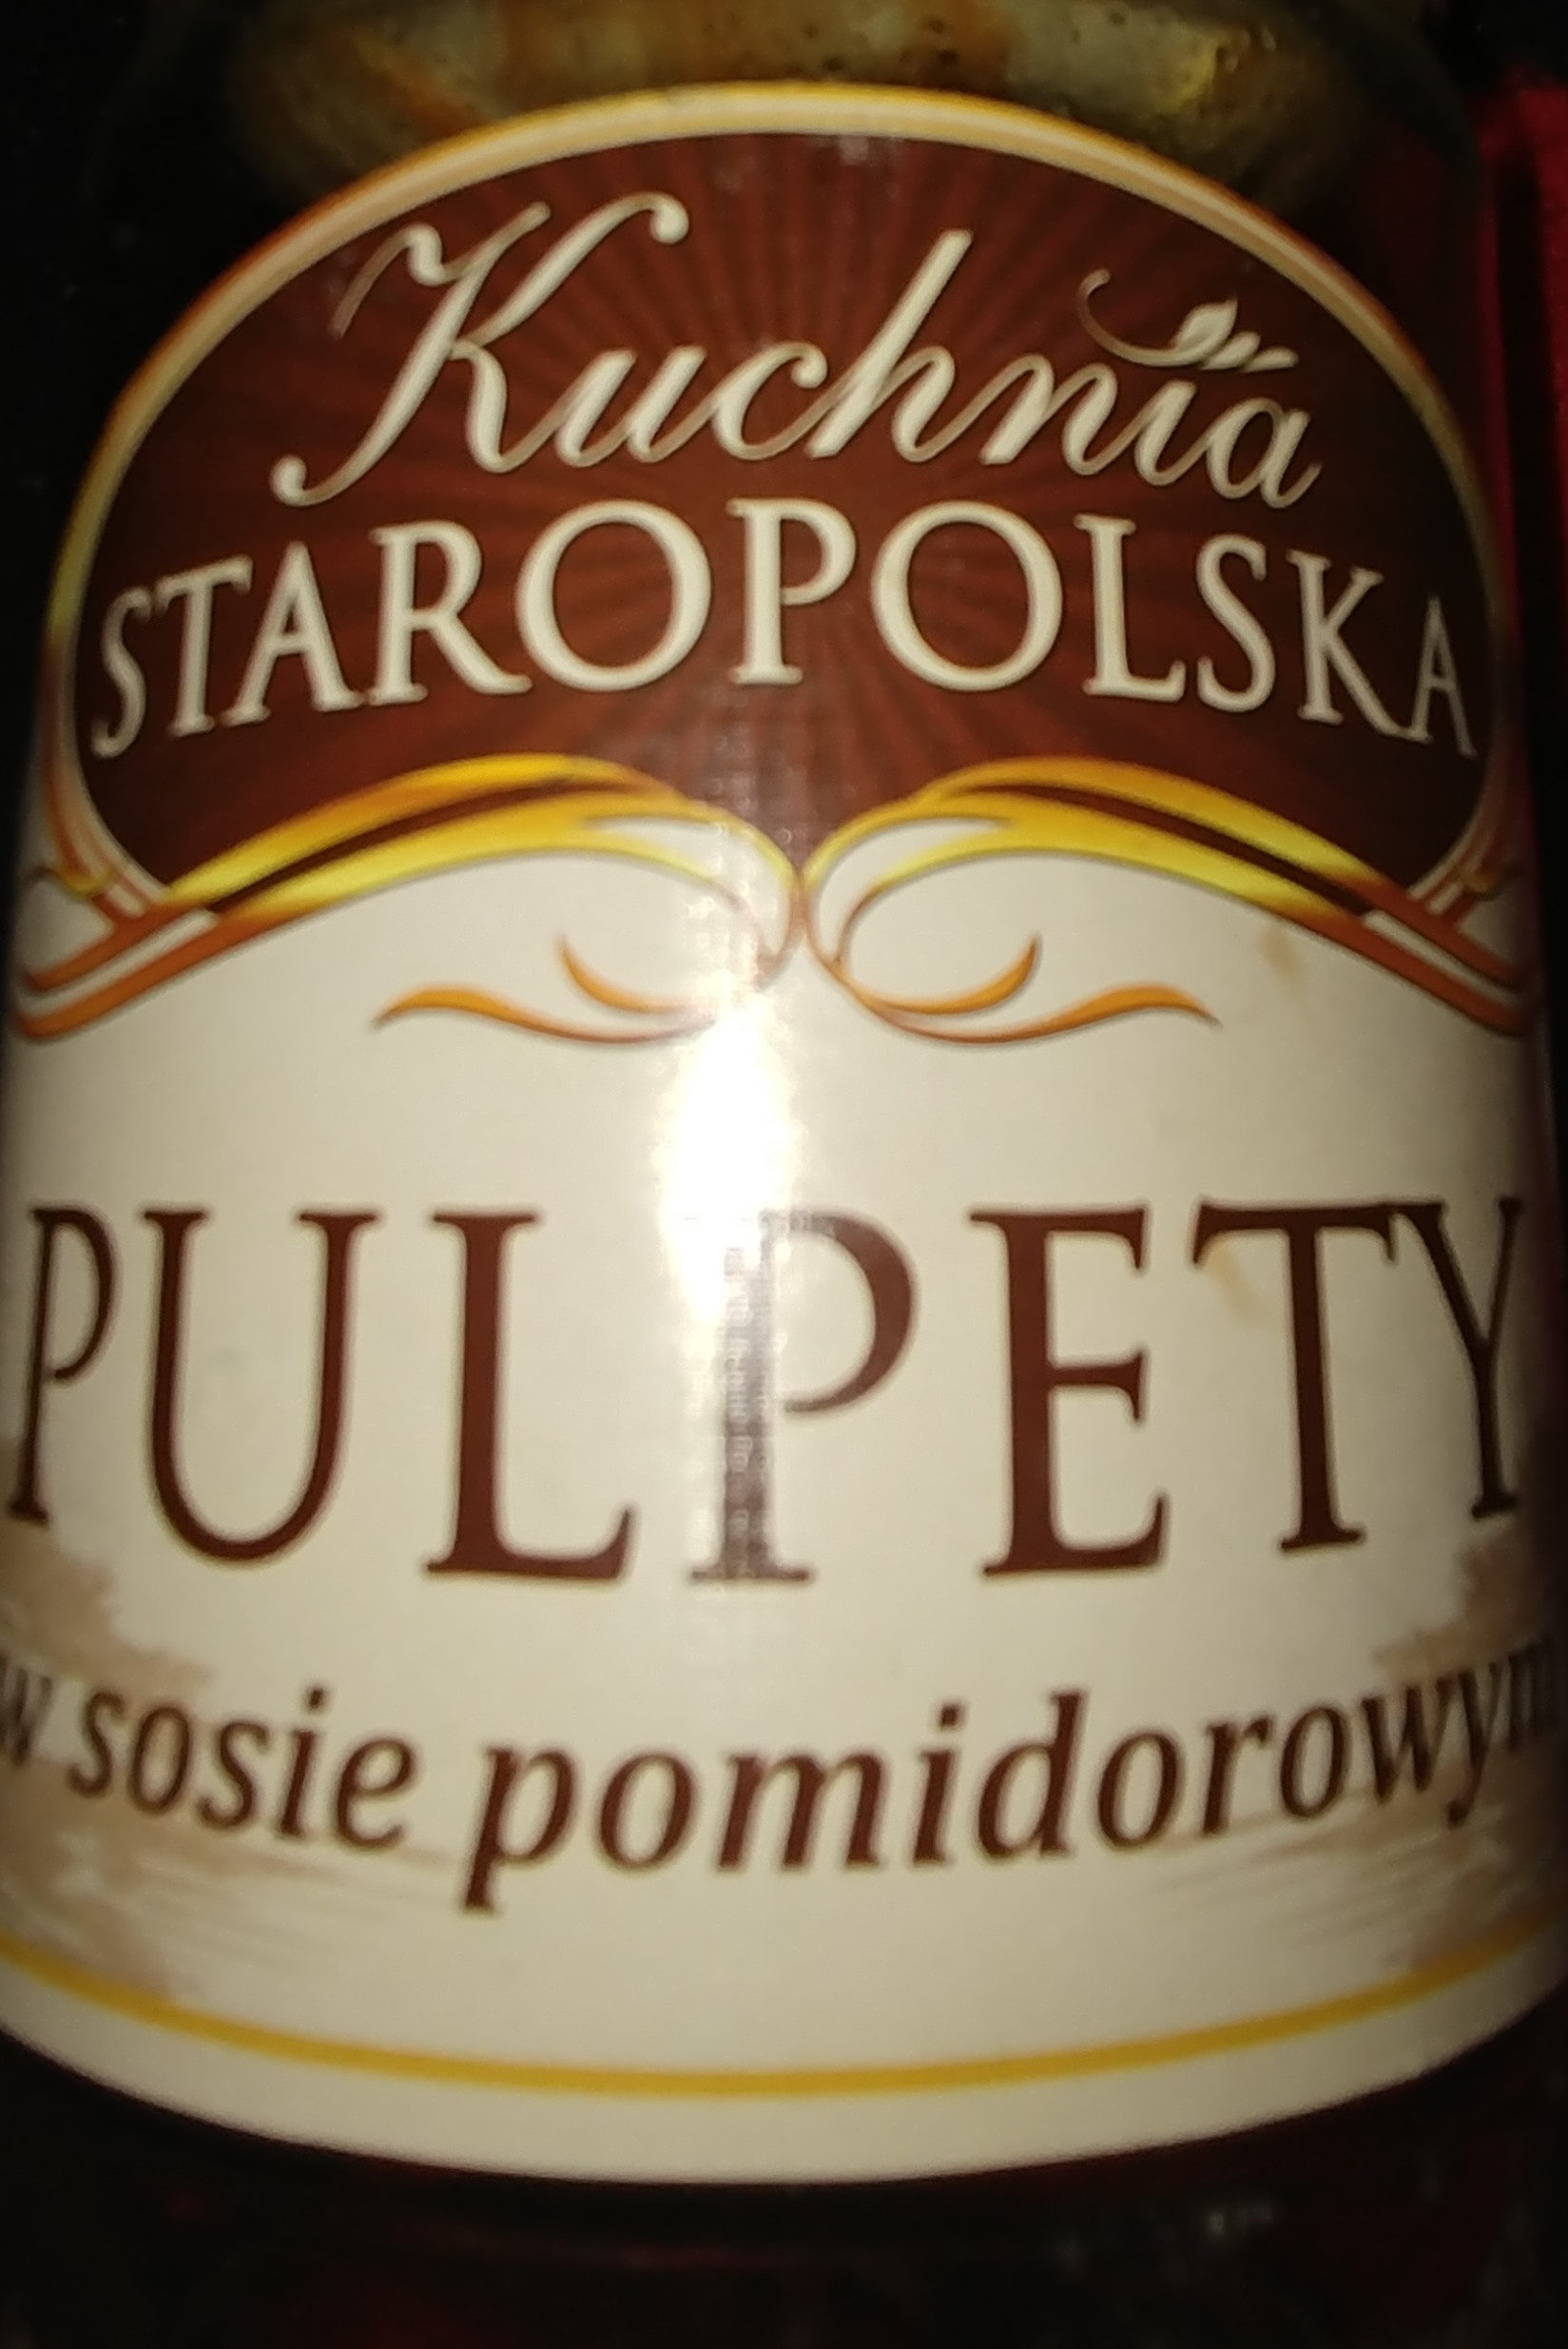 Pulpety w sosie pomidorowym - Produkt